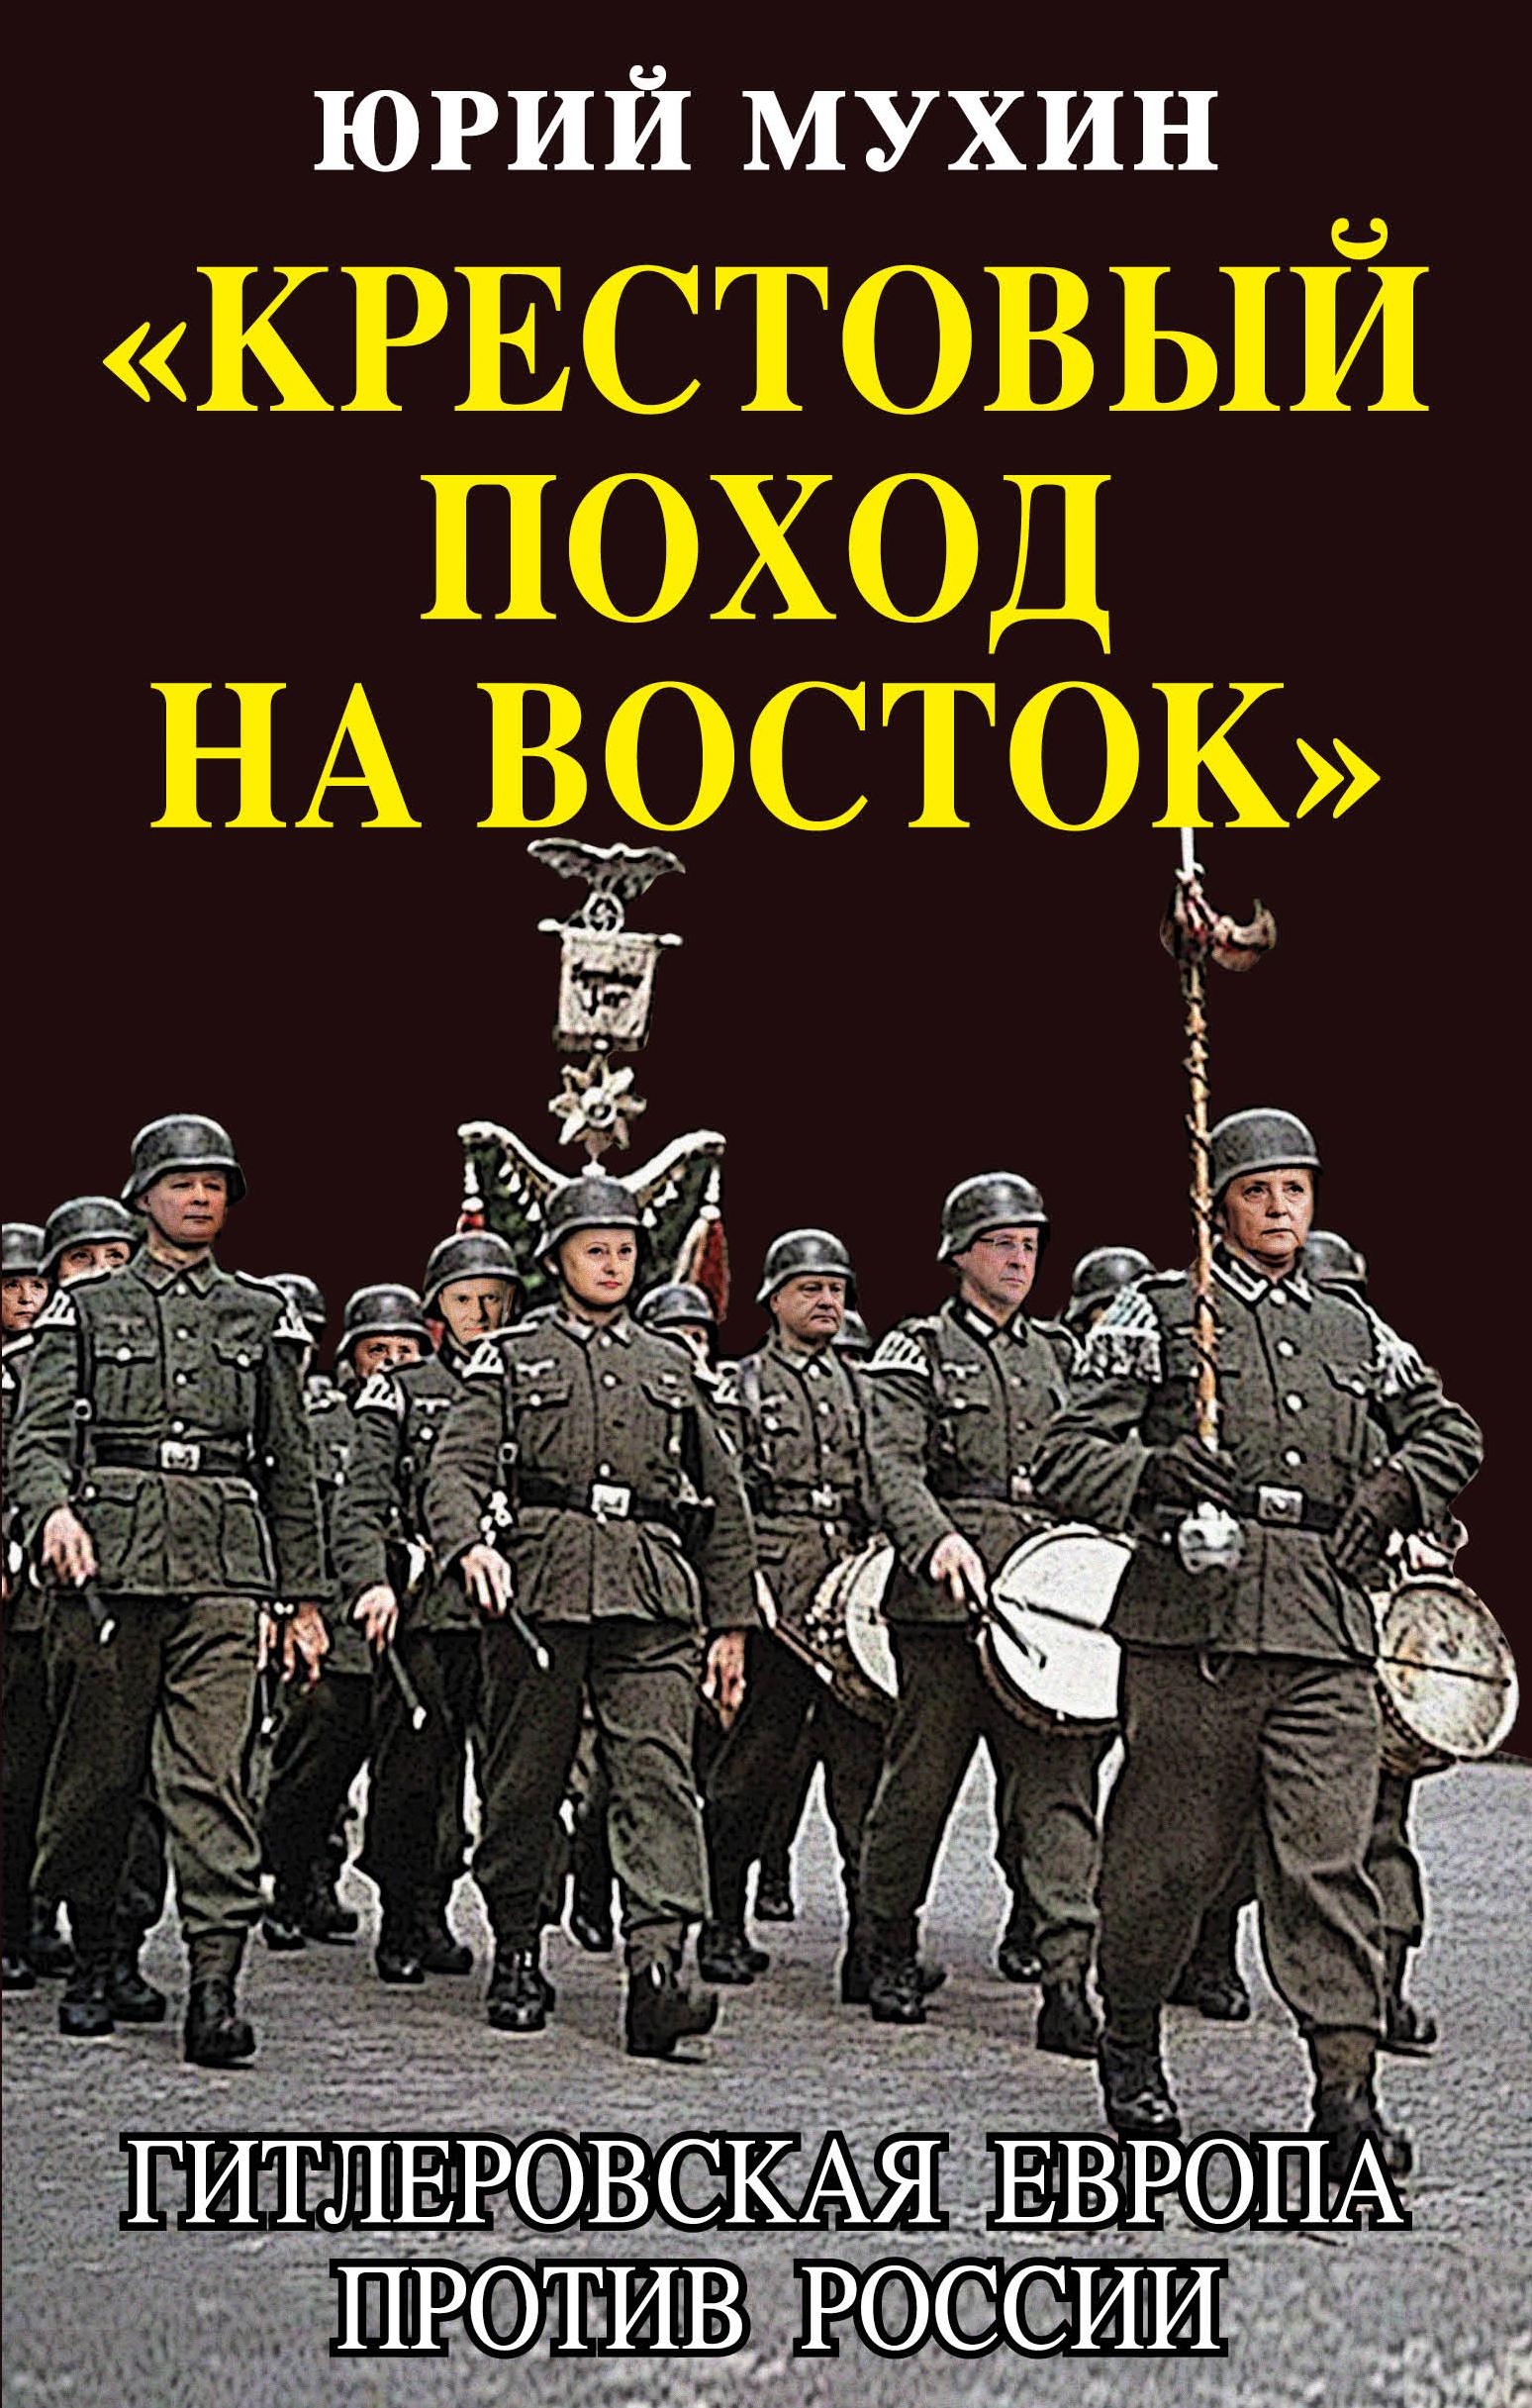 """Ю. И. Мухин """"Крестовый поход на Восток"""". Гитлеровская Европа против России"""